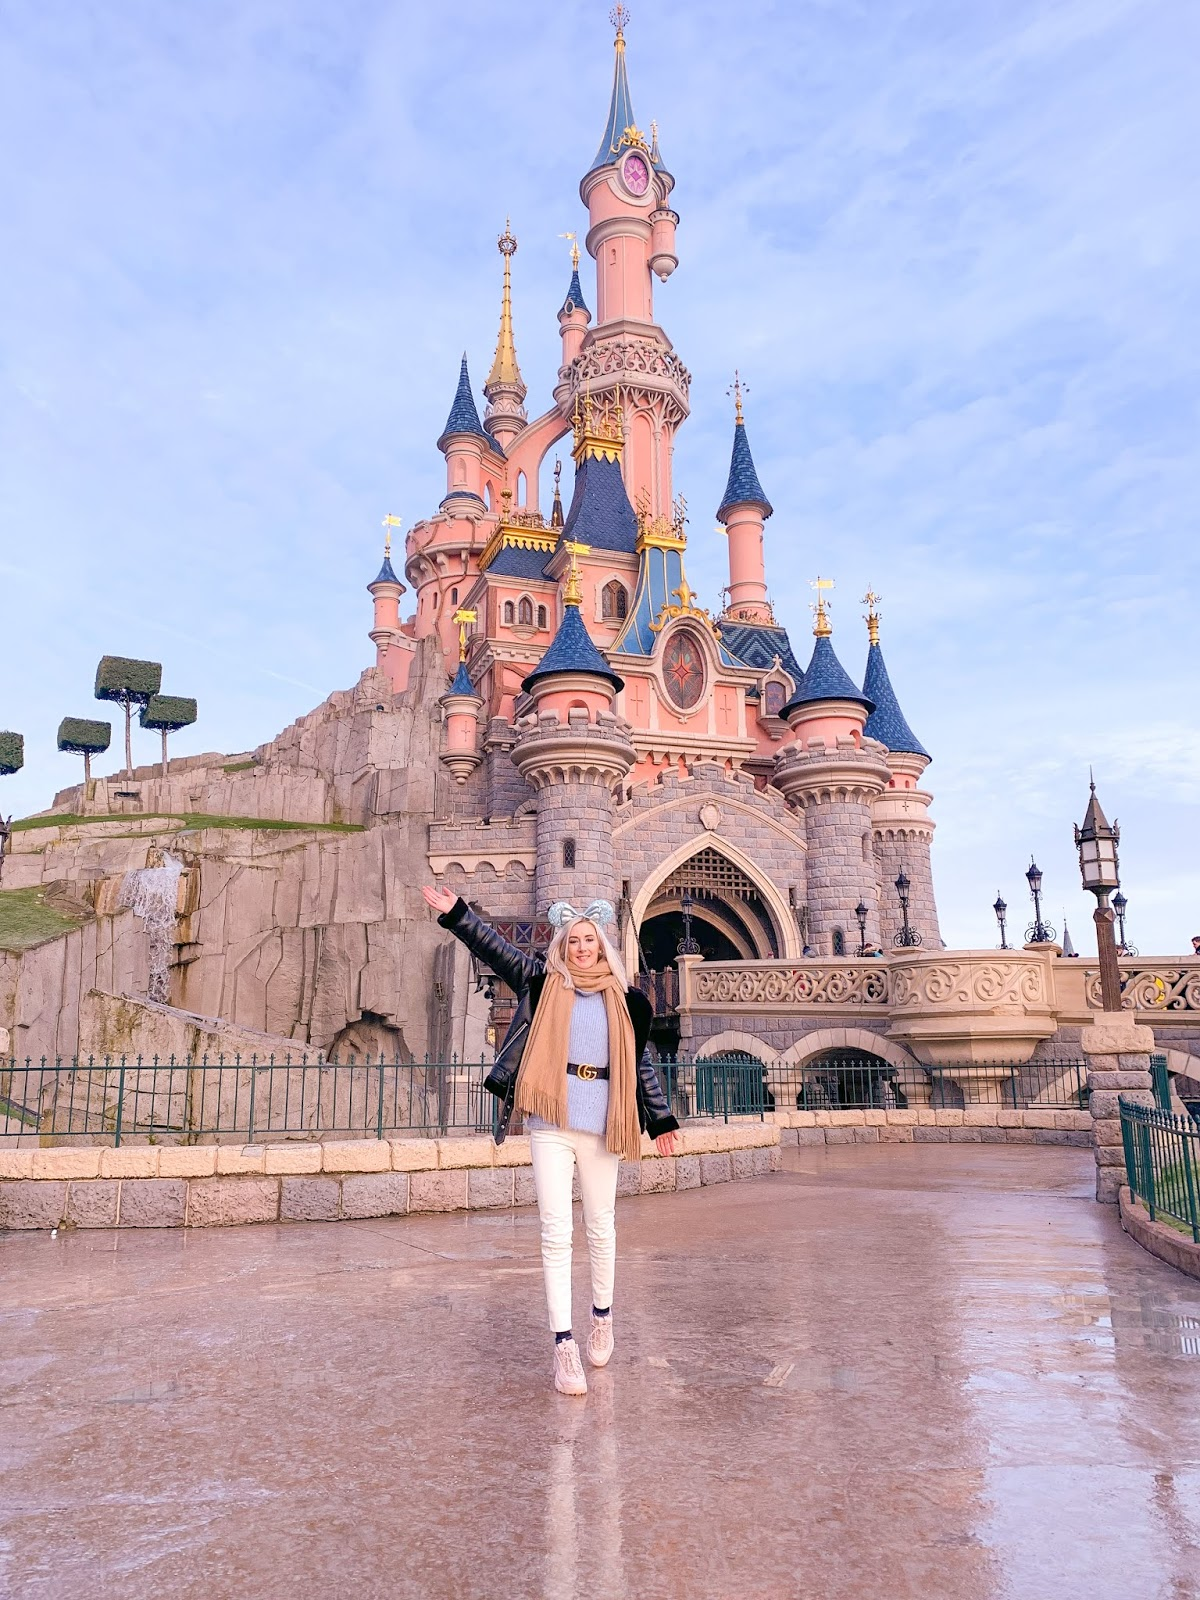 Best Instagram Spots In Disneyland Paris